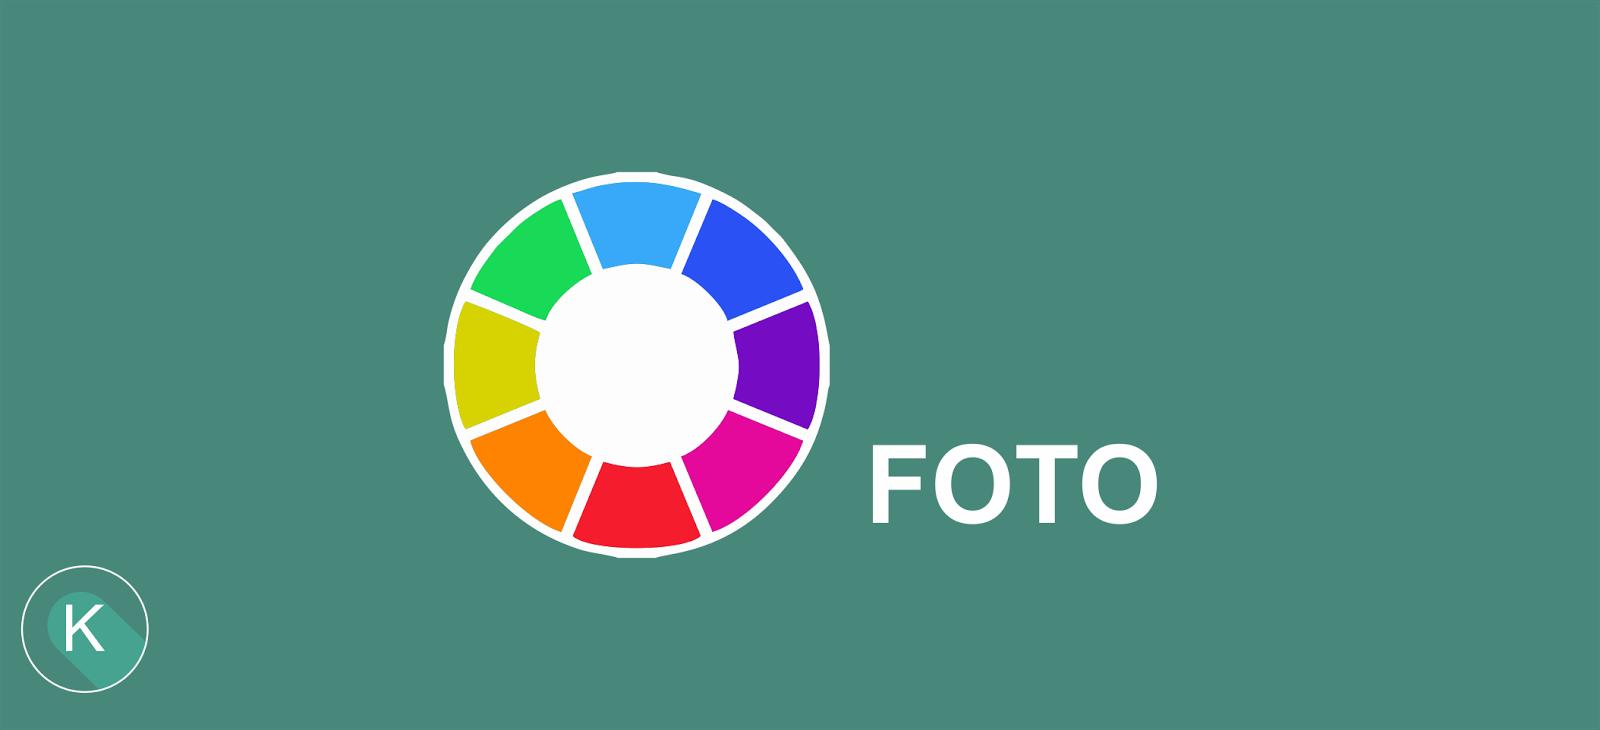 FOTO Gallery Premium 3.15.0 Apk